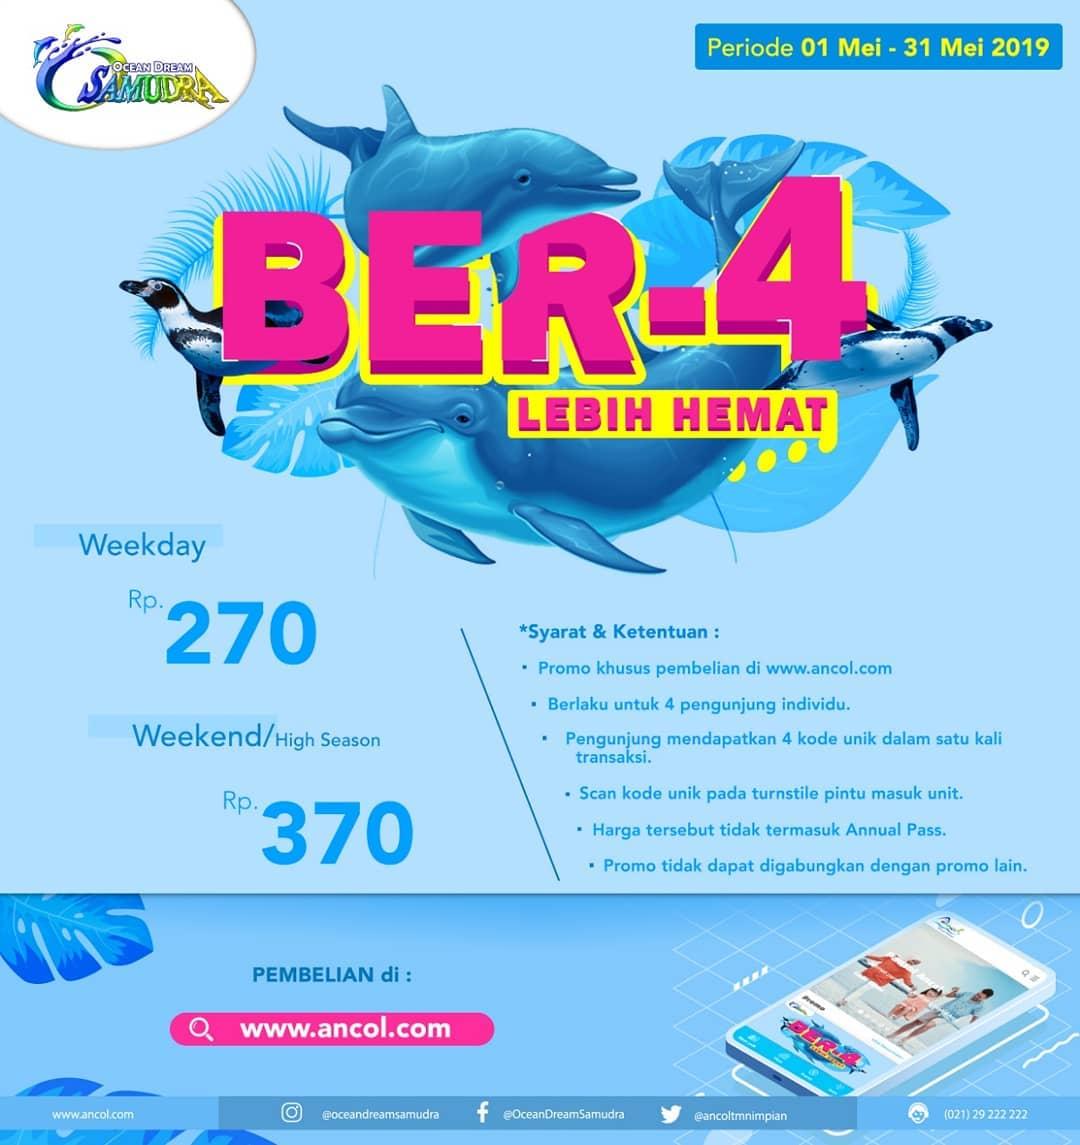 OCEAN DREAM SAMUDRA ANCOL Promo Paket Hemat Ber-4